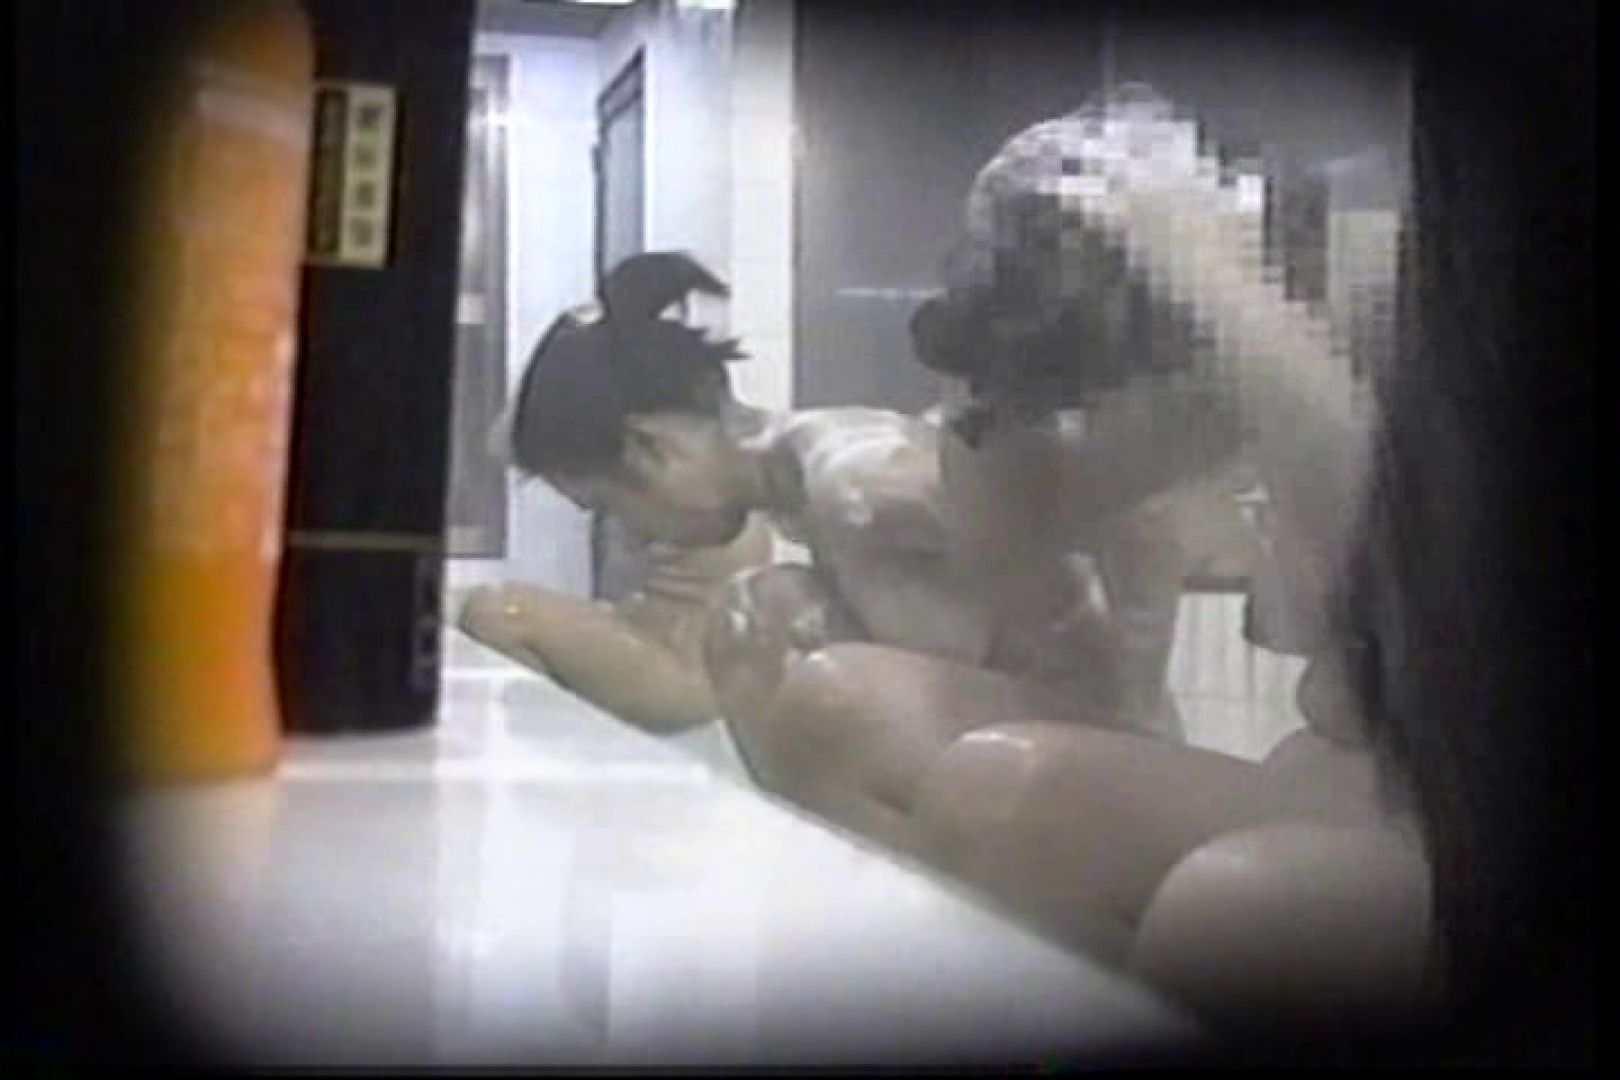 洗面器にカメラを仕込んで洗い場内を移動盗撮 TK-131 裸体  93PICs 42